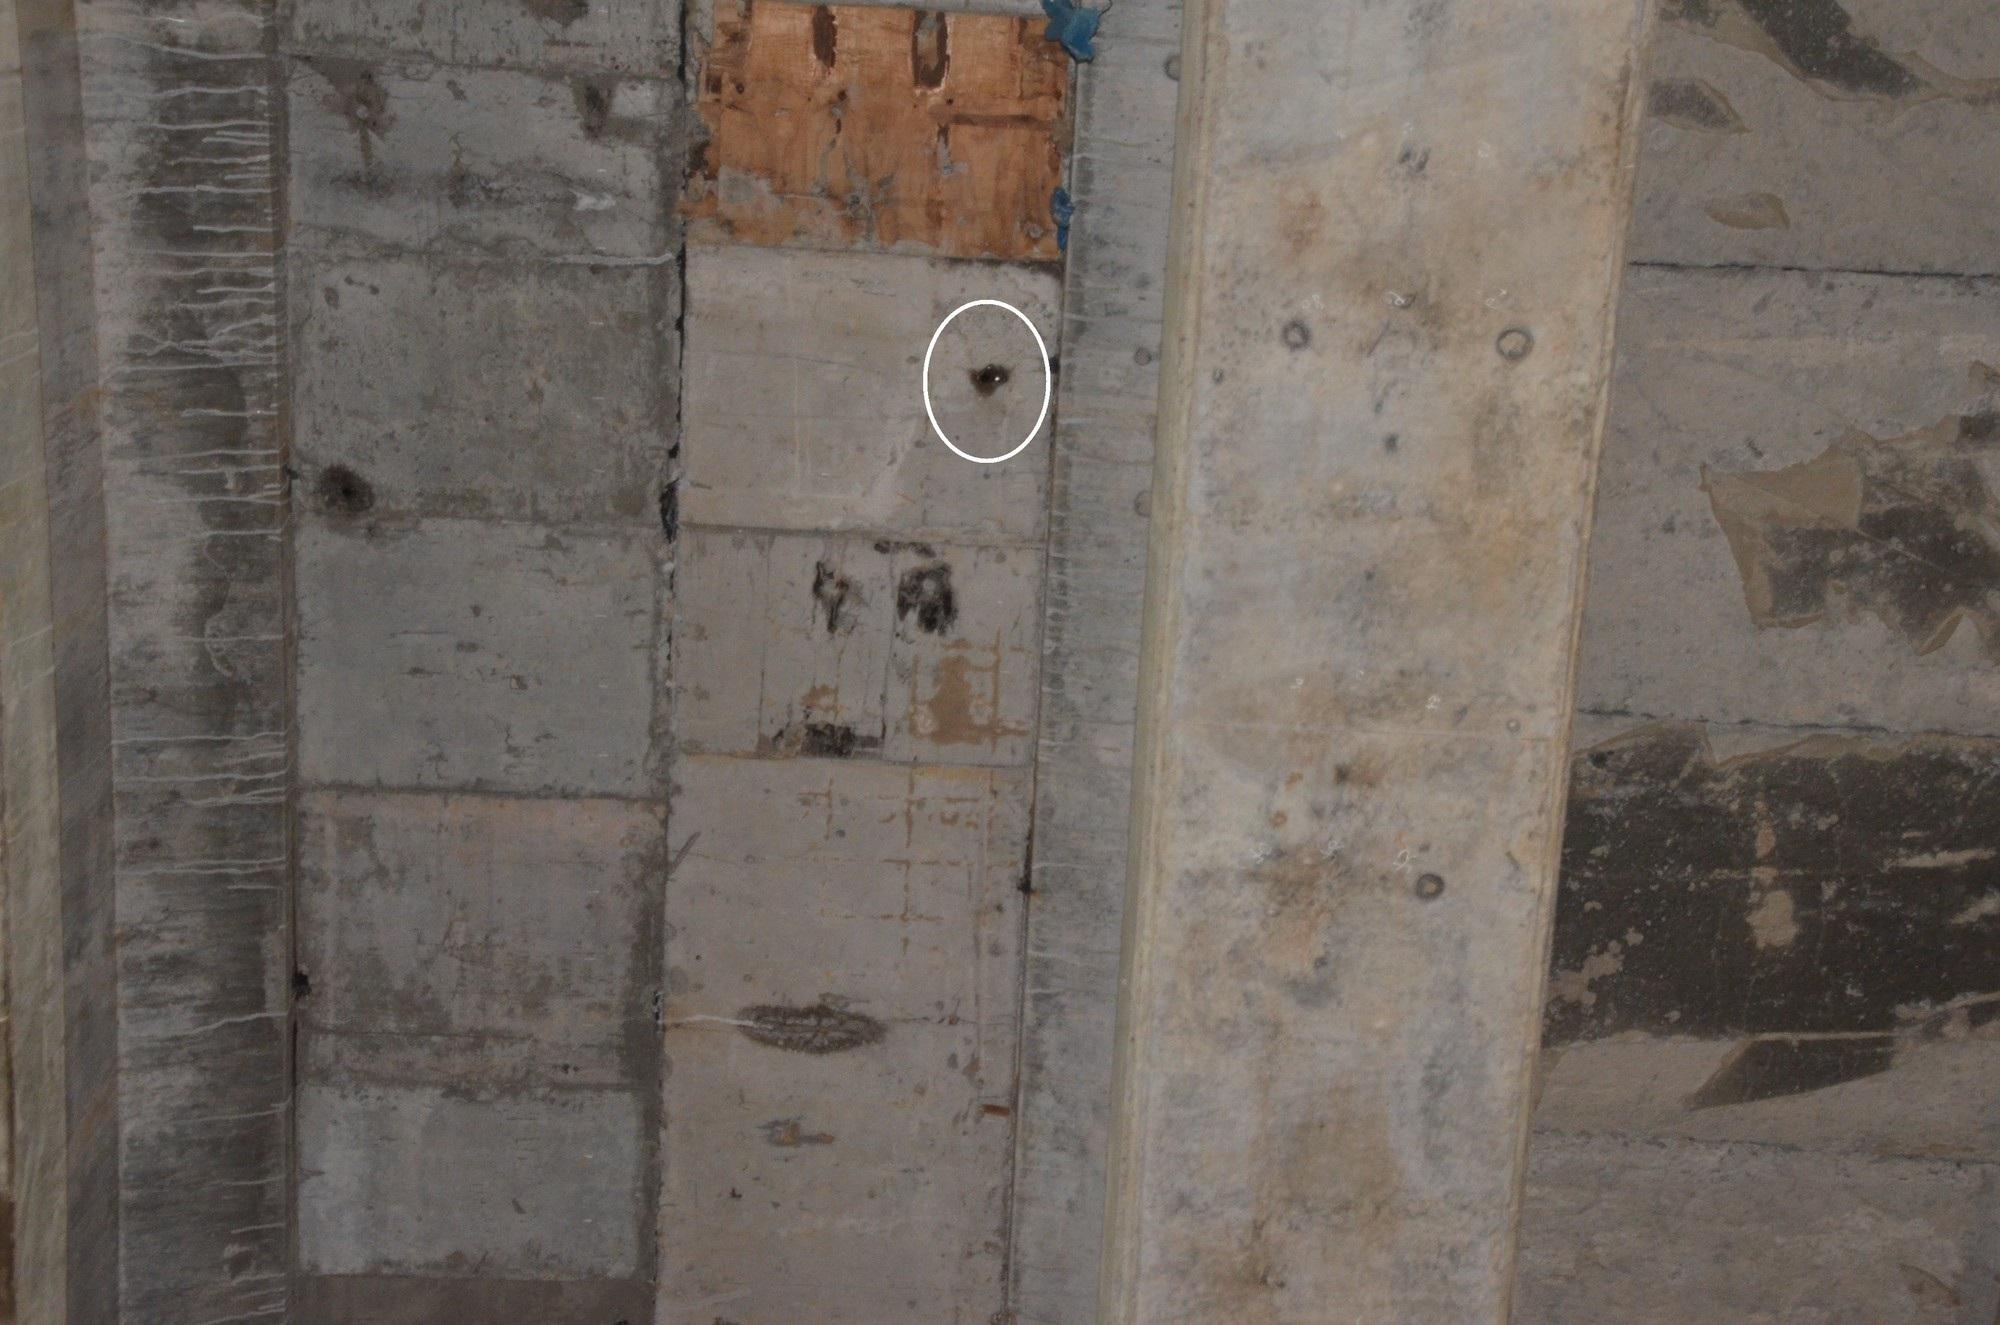 Cao tốc Đà Nẵng - Quảng Ngãi: Bê tông mái taluy vỡ vụn - Ảnh 9.